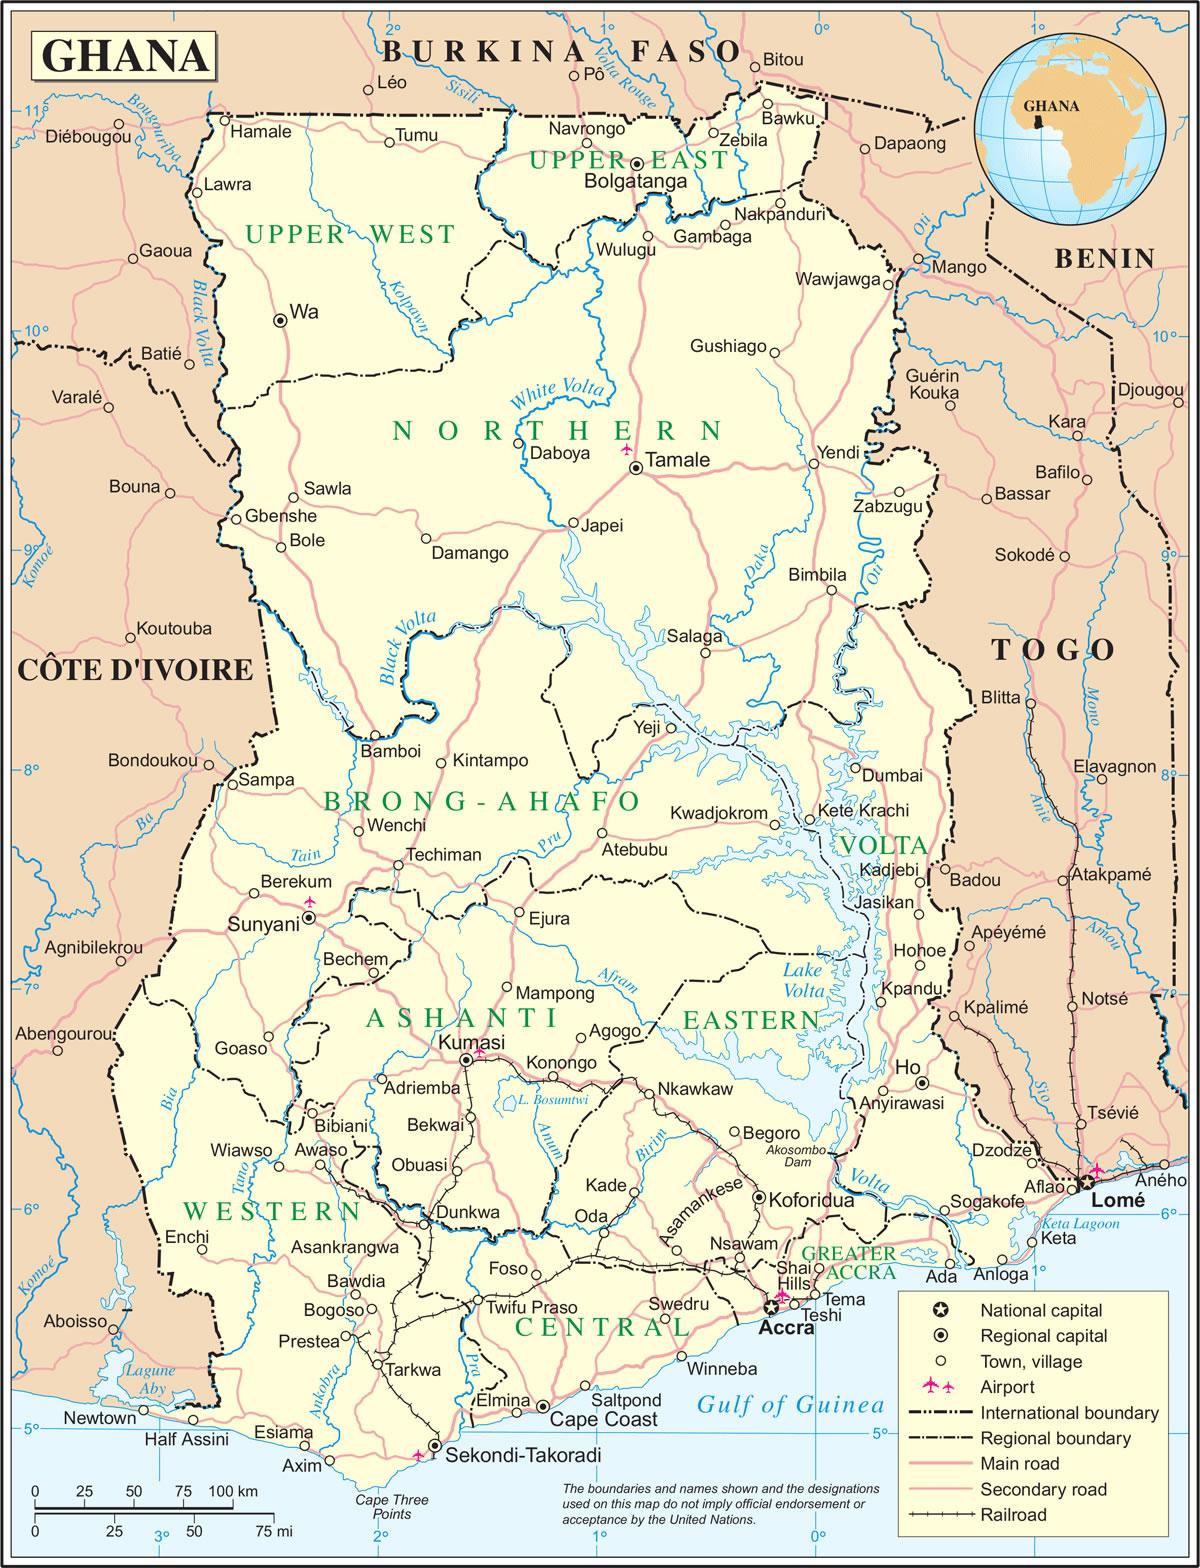 Carte Ghana, Carte du pays Ghana